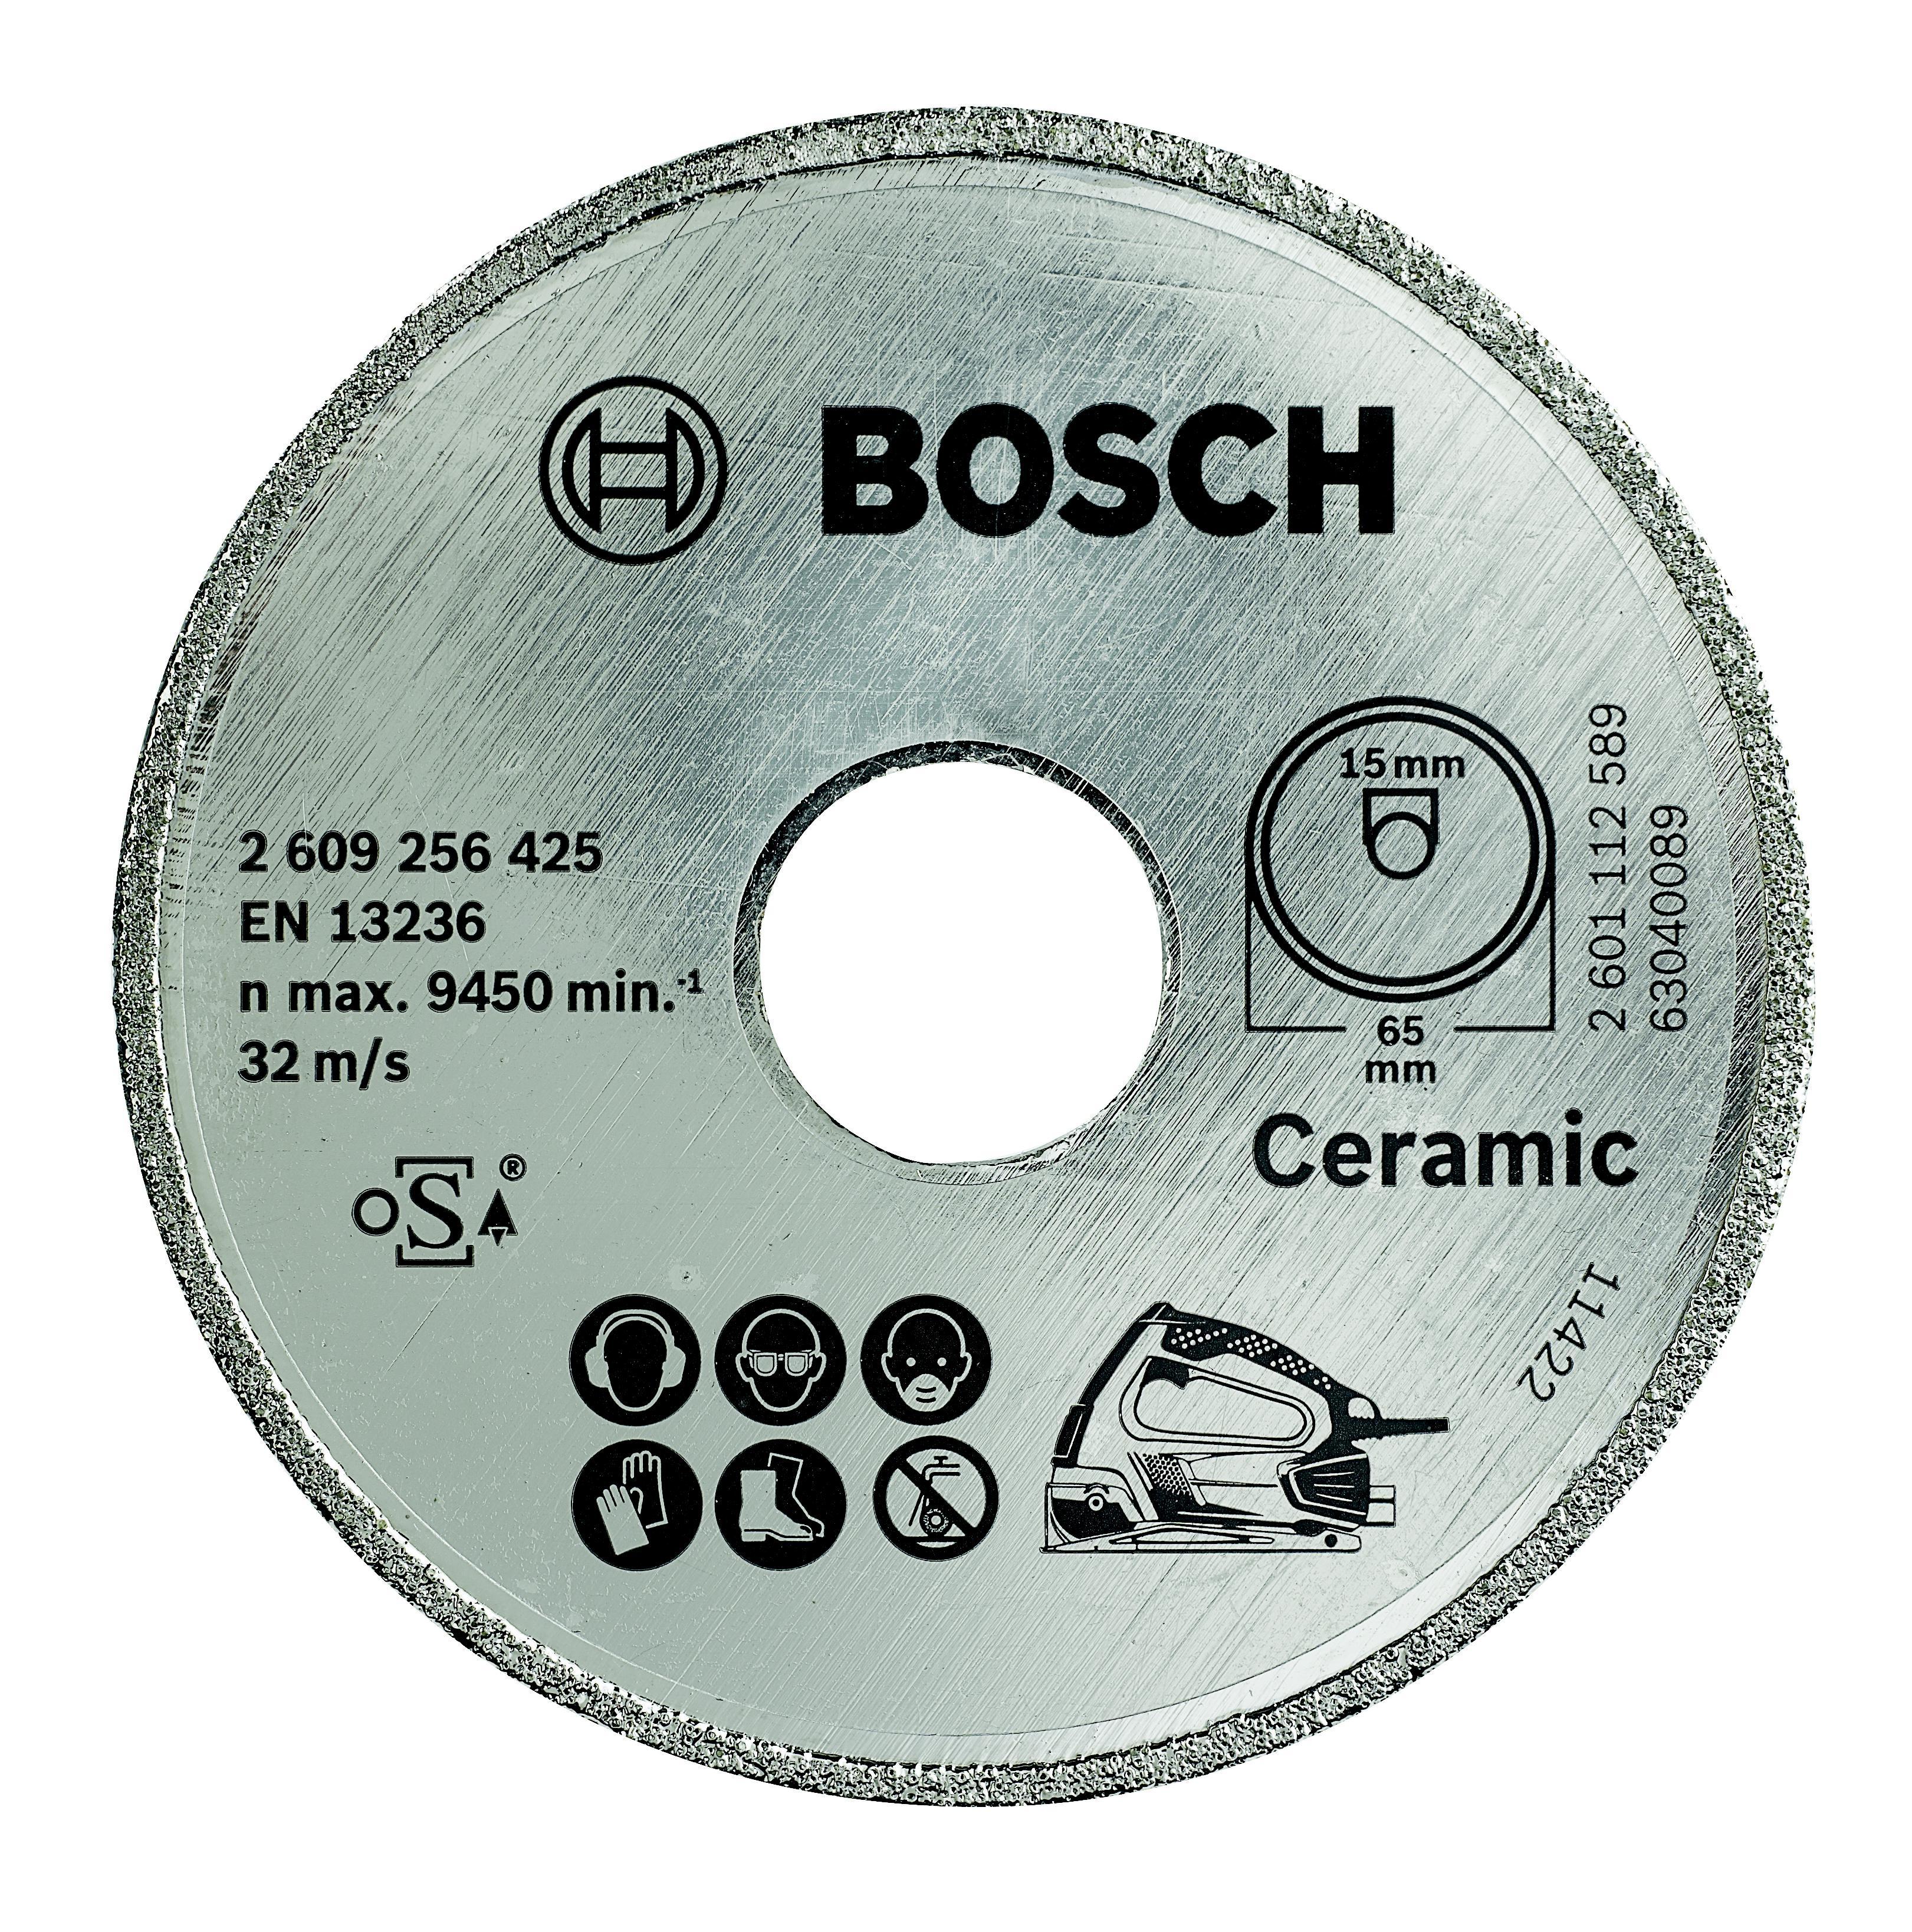 Круг алмазный Bosch Ceramic 65x15 корона (сплошной)(2.609.256.425)